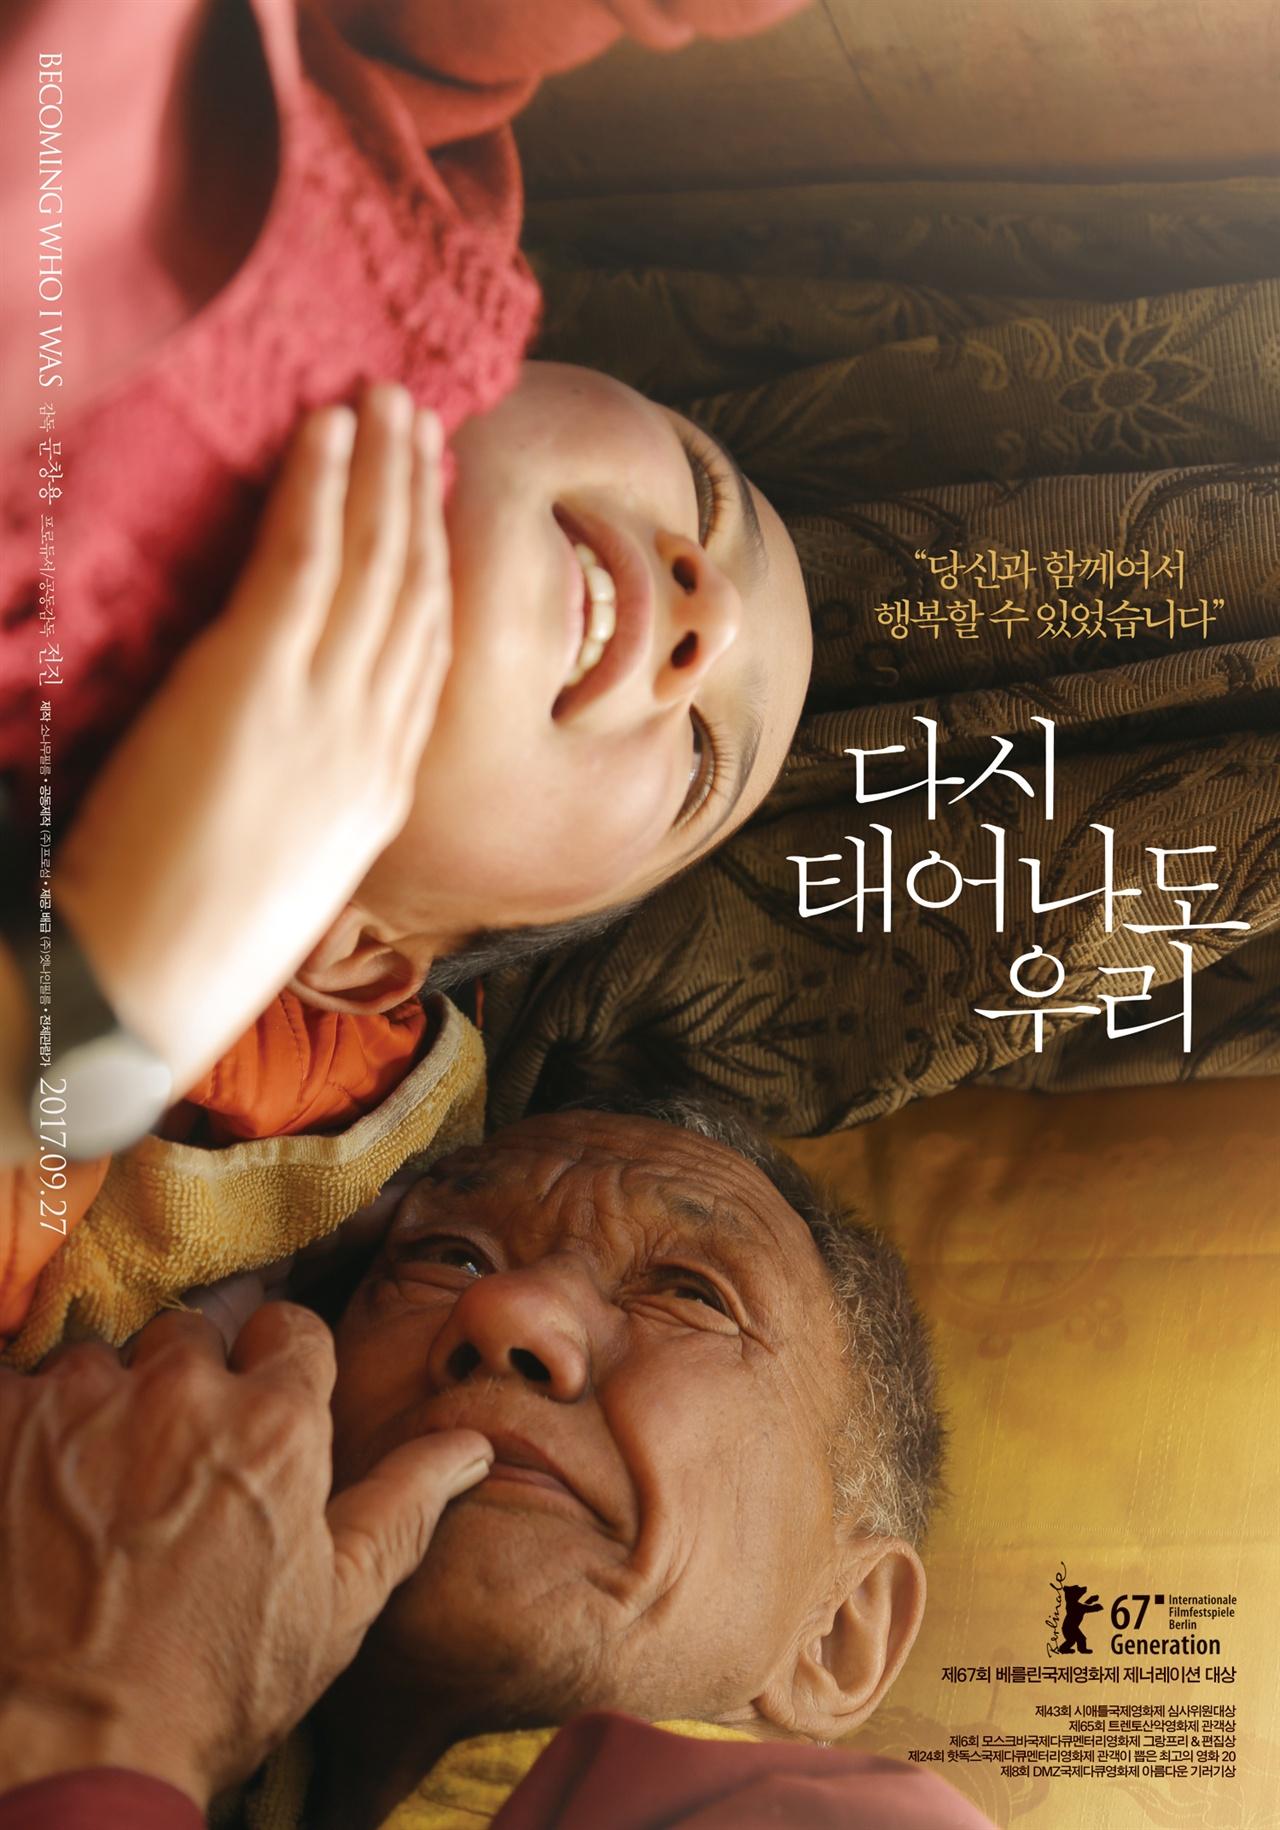 영화 <다시 태어나도 우리> 포스터.